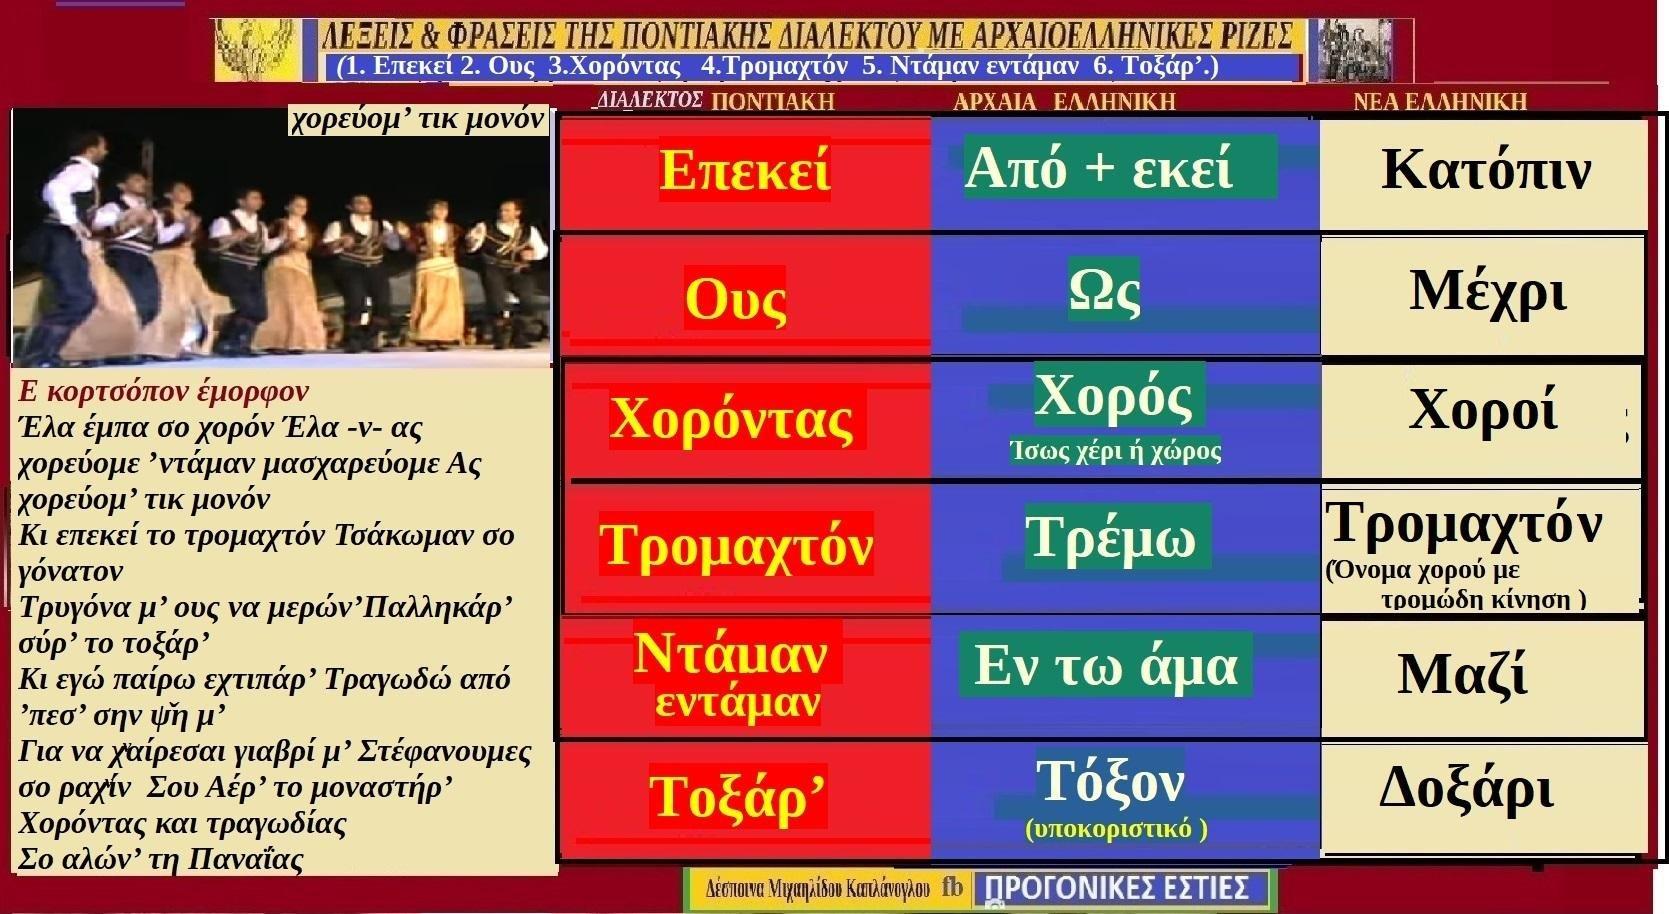 ΠΟΝΤΙΑΚΕΣ ΛΕΞΕΙΣ ΜΕ ΑΡΧΑΙΟΕΛΛΗΝΙΚΗ ΠΡΟΕΛΕΥΣΗ  (1. Επεκεί, 2. Ους, 3.Χορόντας, 4.Τρομαχτόν, 5. Ντάμαν, εντάμαν, 6. Τοξάρ').   Δέσποινας Μιχαηλίδου -Καπλάνογλου